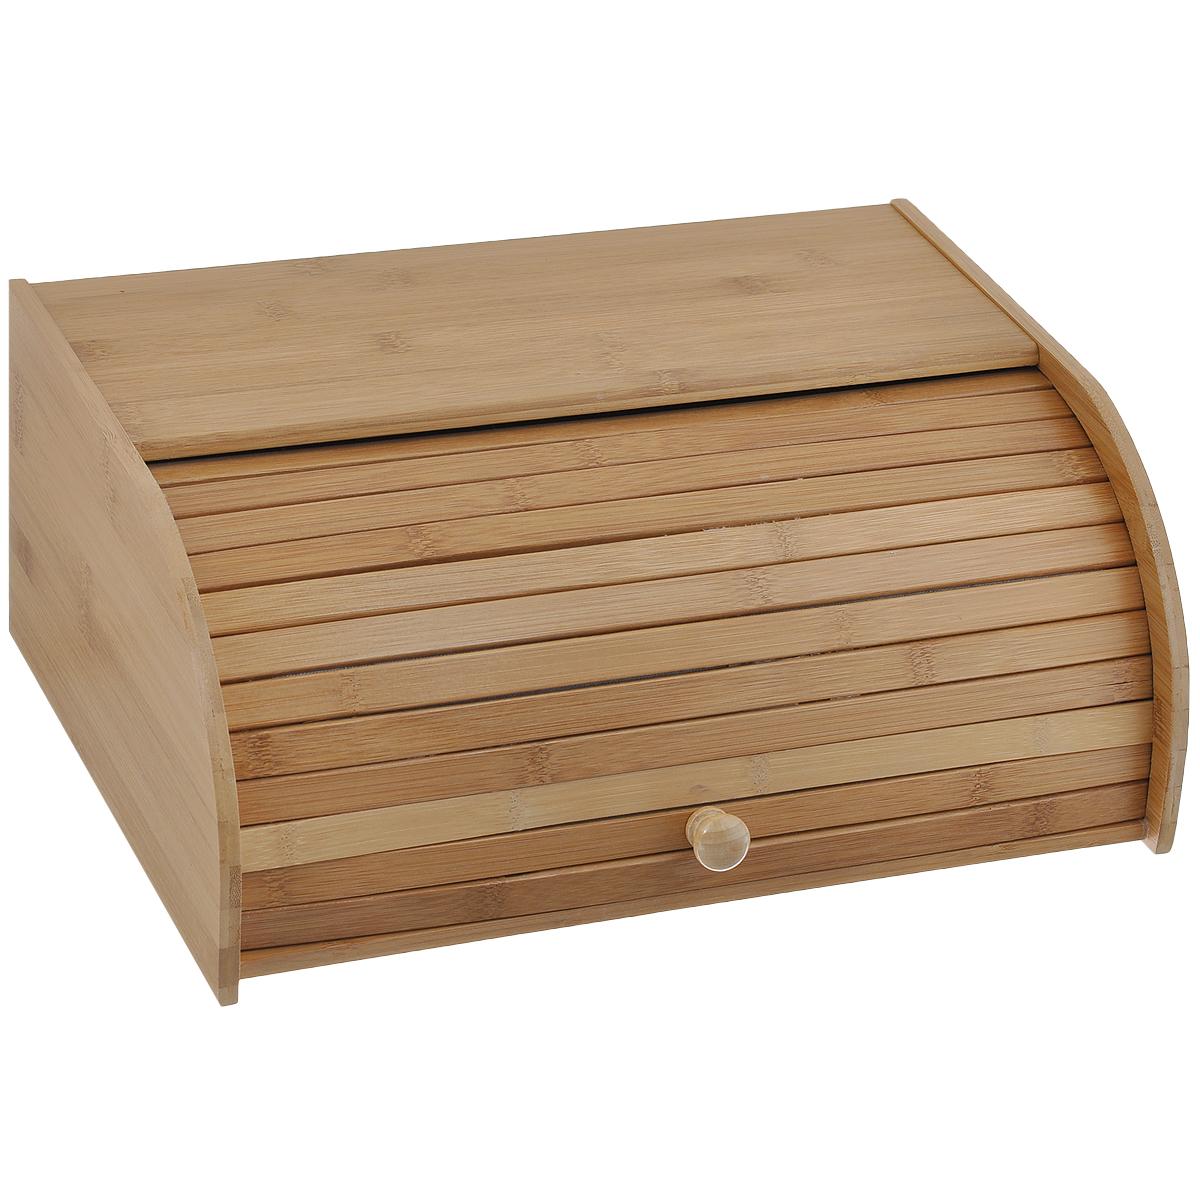 Хлебница Oriental Way, 40 см х 27,5 см х 16,5 смNL112082Хлебница Oriental Way, выполненная в классическом дизайне из бамбука, позволит сохранить ваш хлеб свежим и вкусным. Бамбук - очень гигиеничный материал, он не впитывает запахи, не рассыхается и обладает антибактериальными свойствами. Эксклюзивный дизайн, эстетика и функциональность хлебницы делают ее превосходным аксессуаром на вашей кухне.